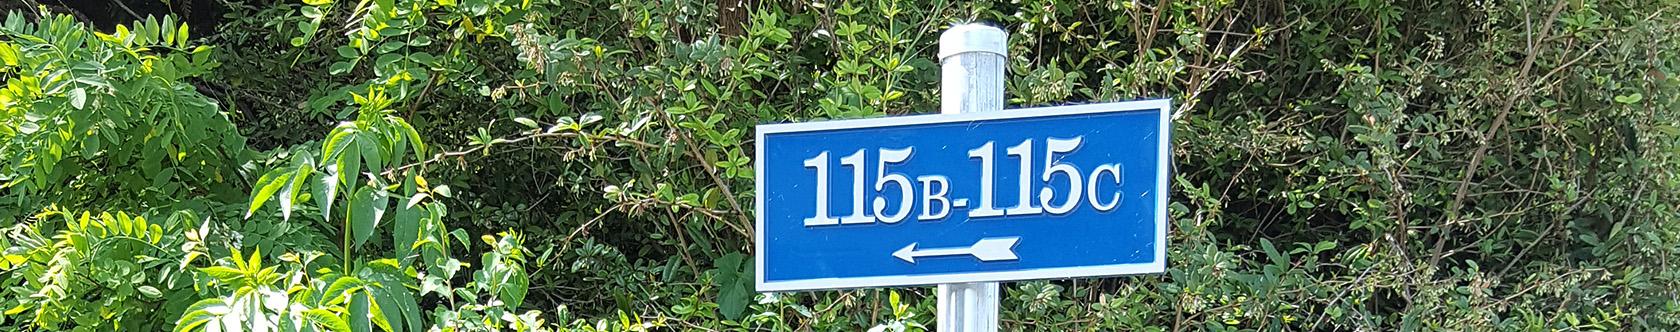 Plaques de rue et numéros de maison